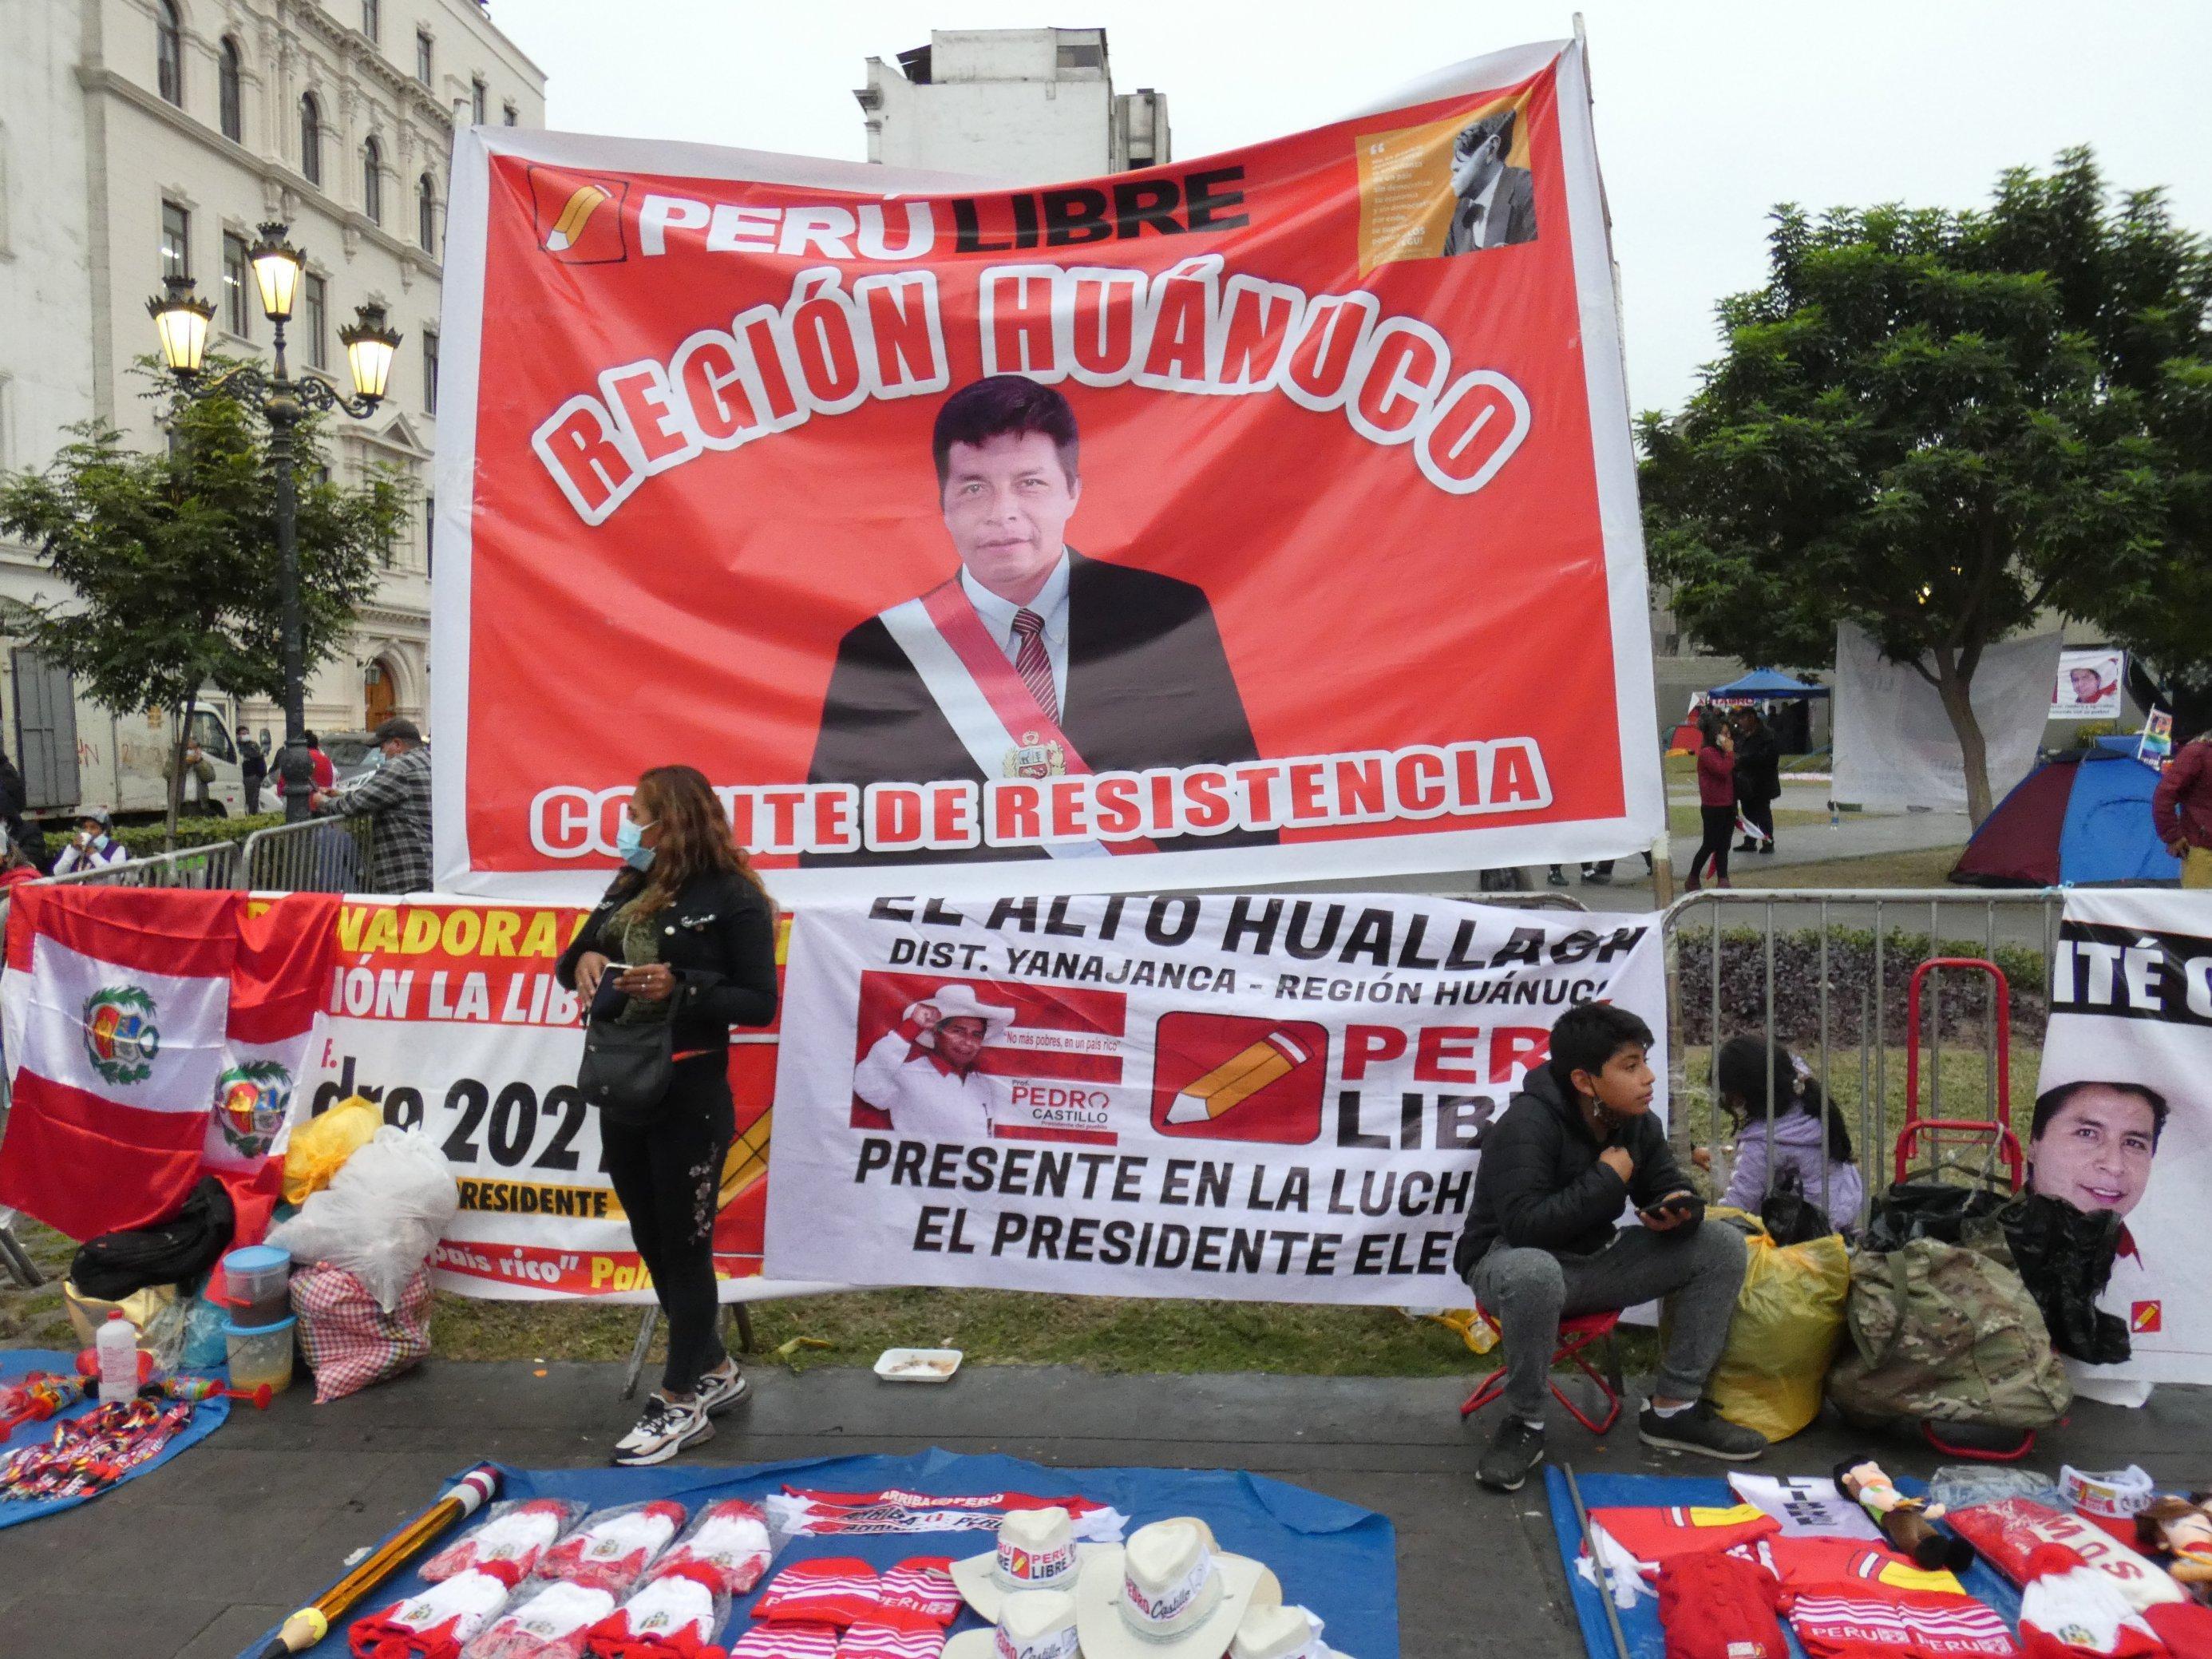 Große rote Banderole, darauf ein Mann mit einer Präsidentenschärpe. Auf dem Boden davor werden Devotionalien verkauft.